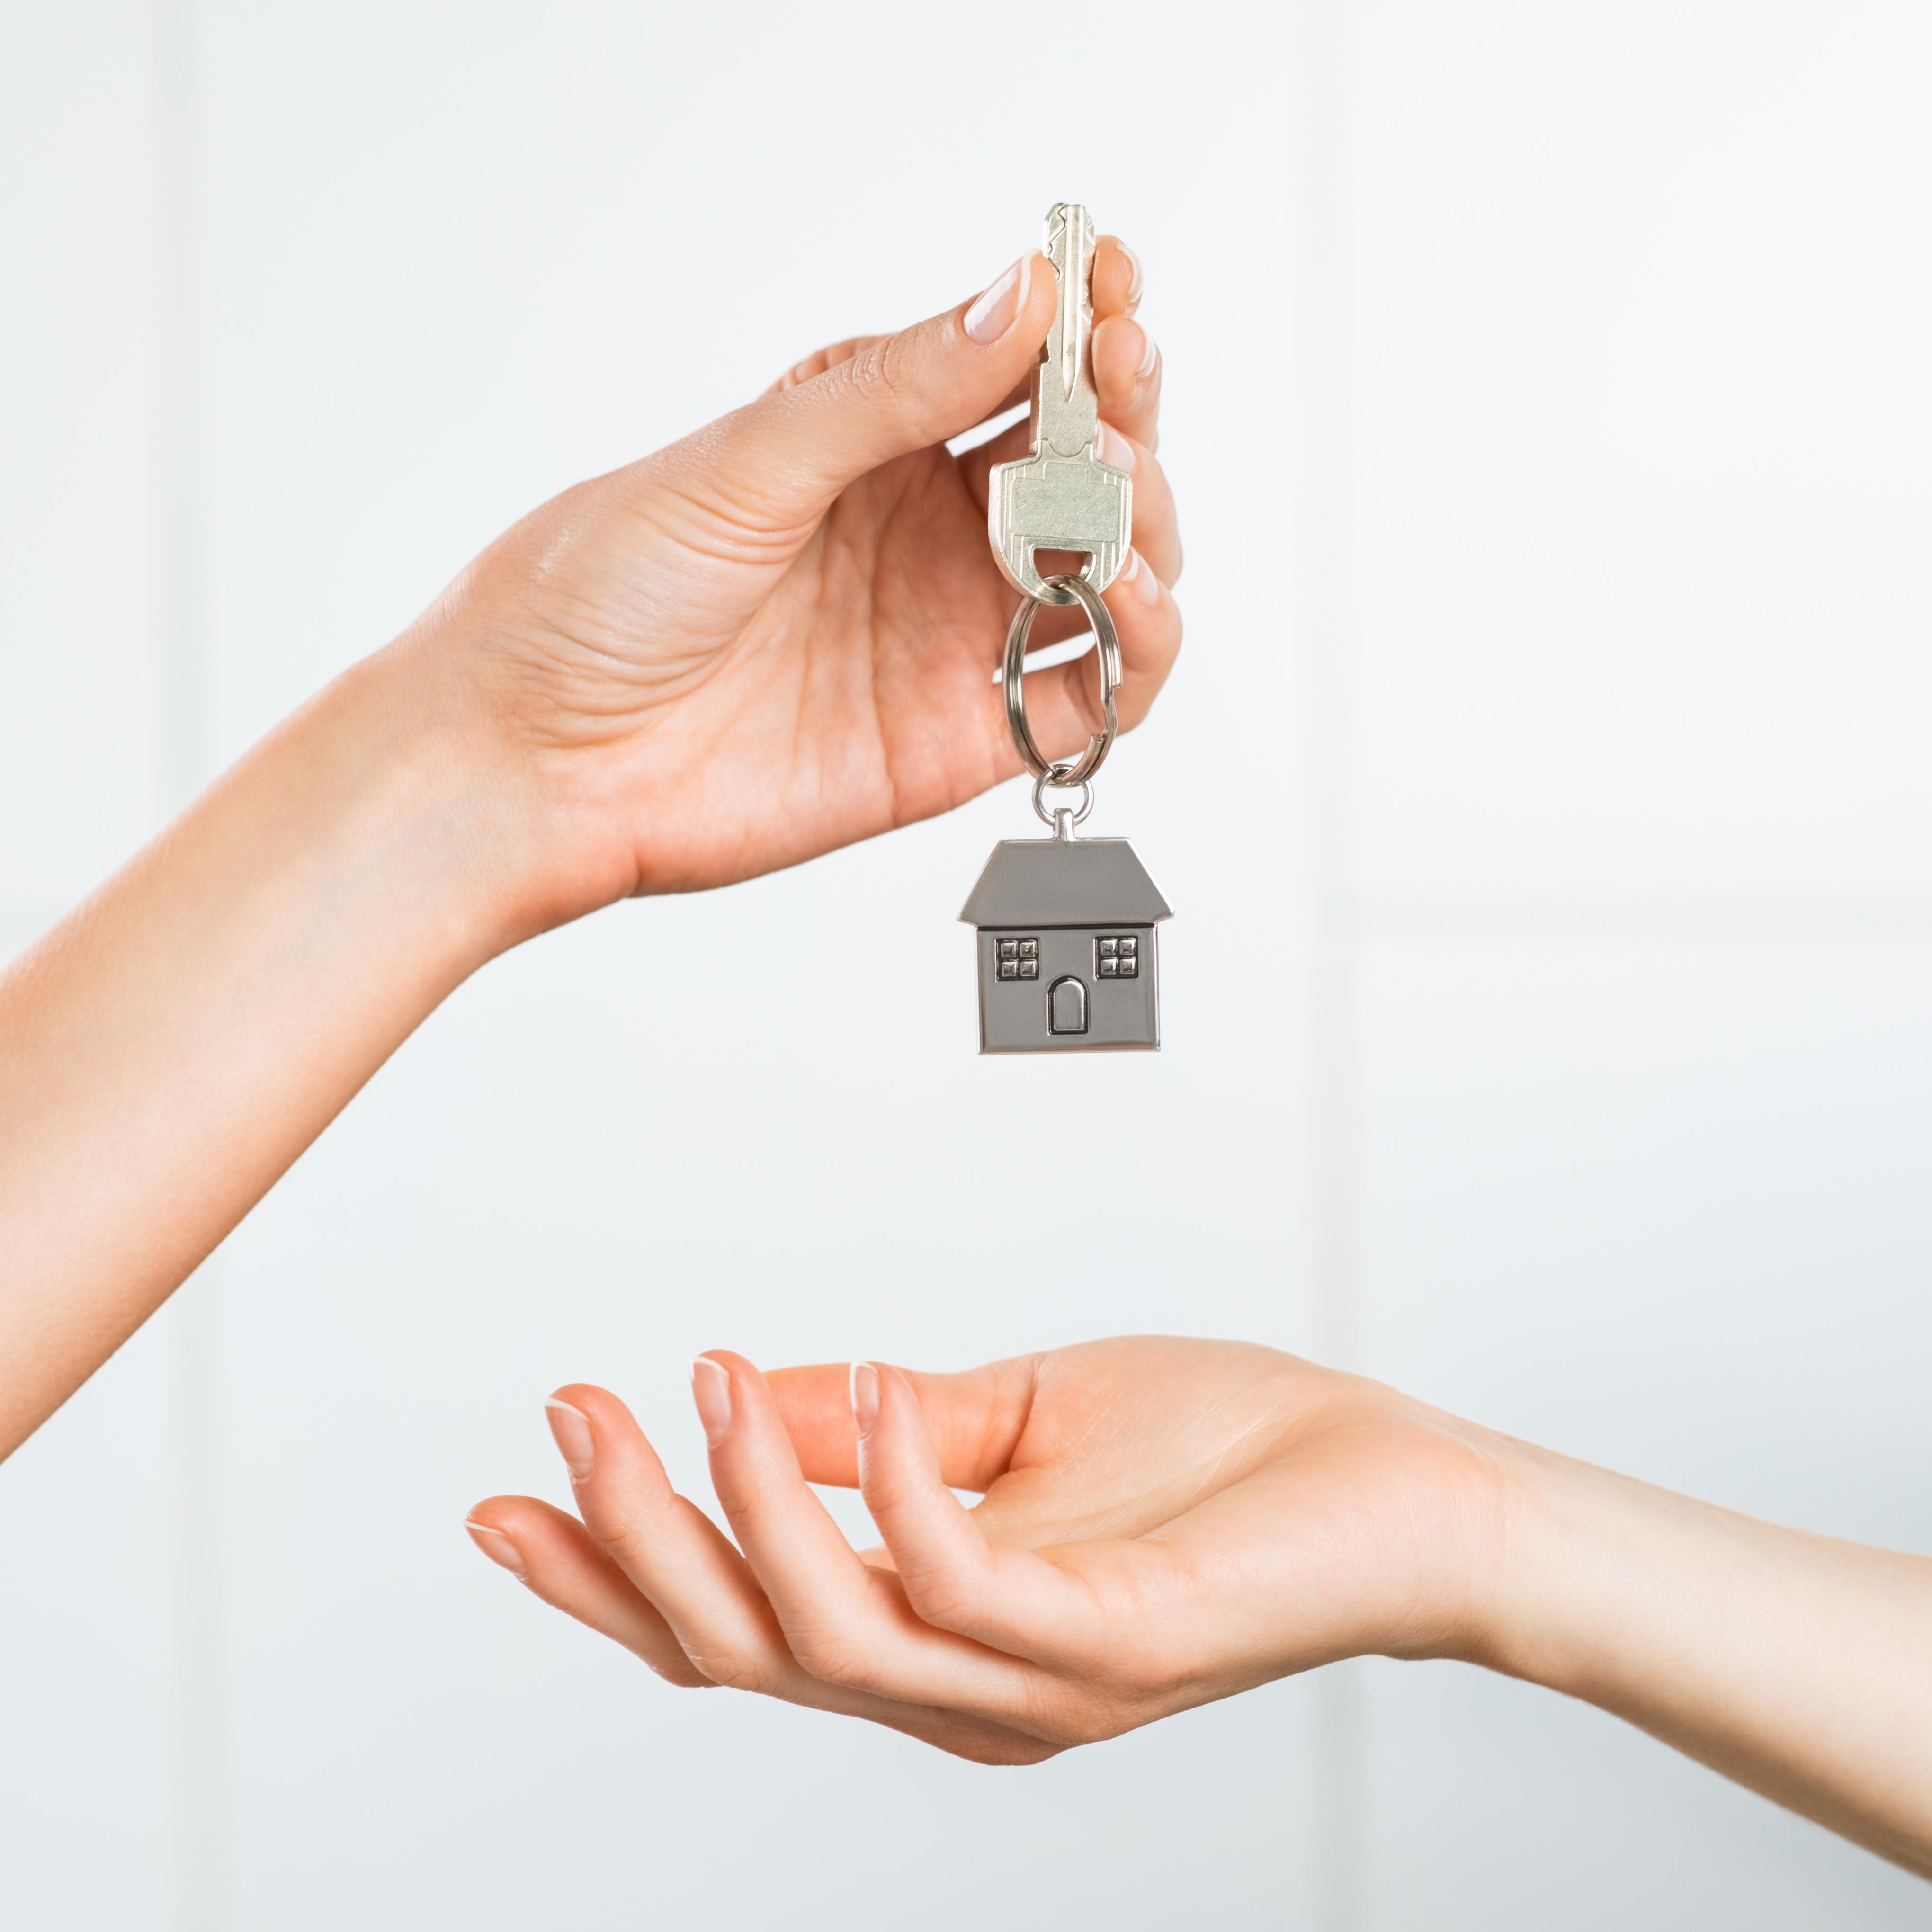 casa; chave na mão; comprar imovel